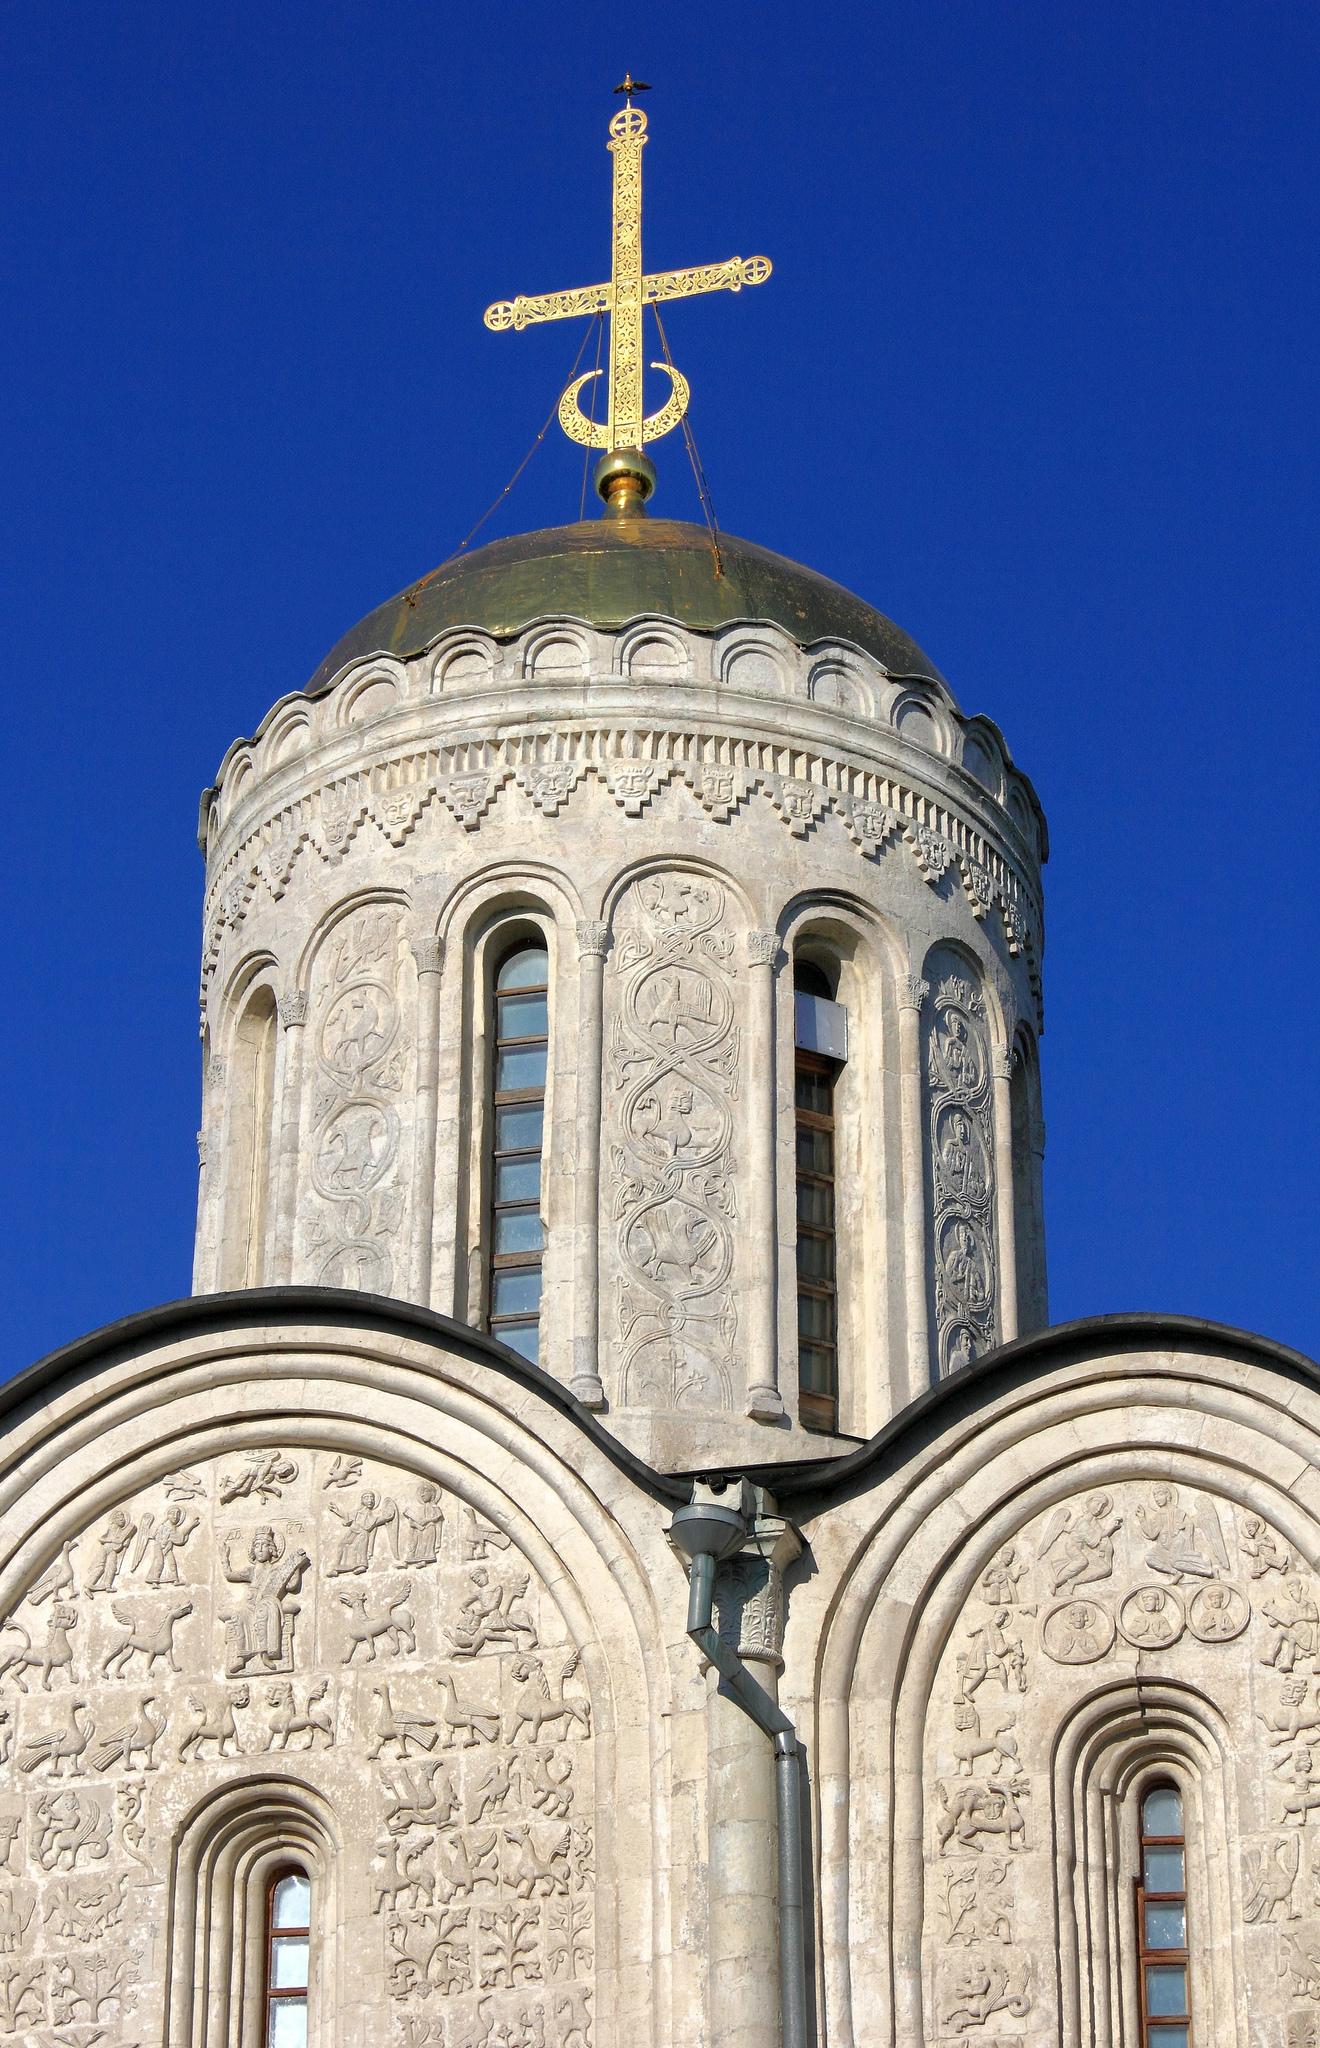 владимир дмитриевский собор фото